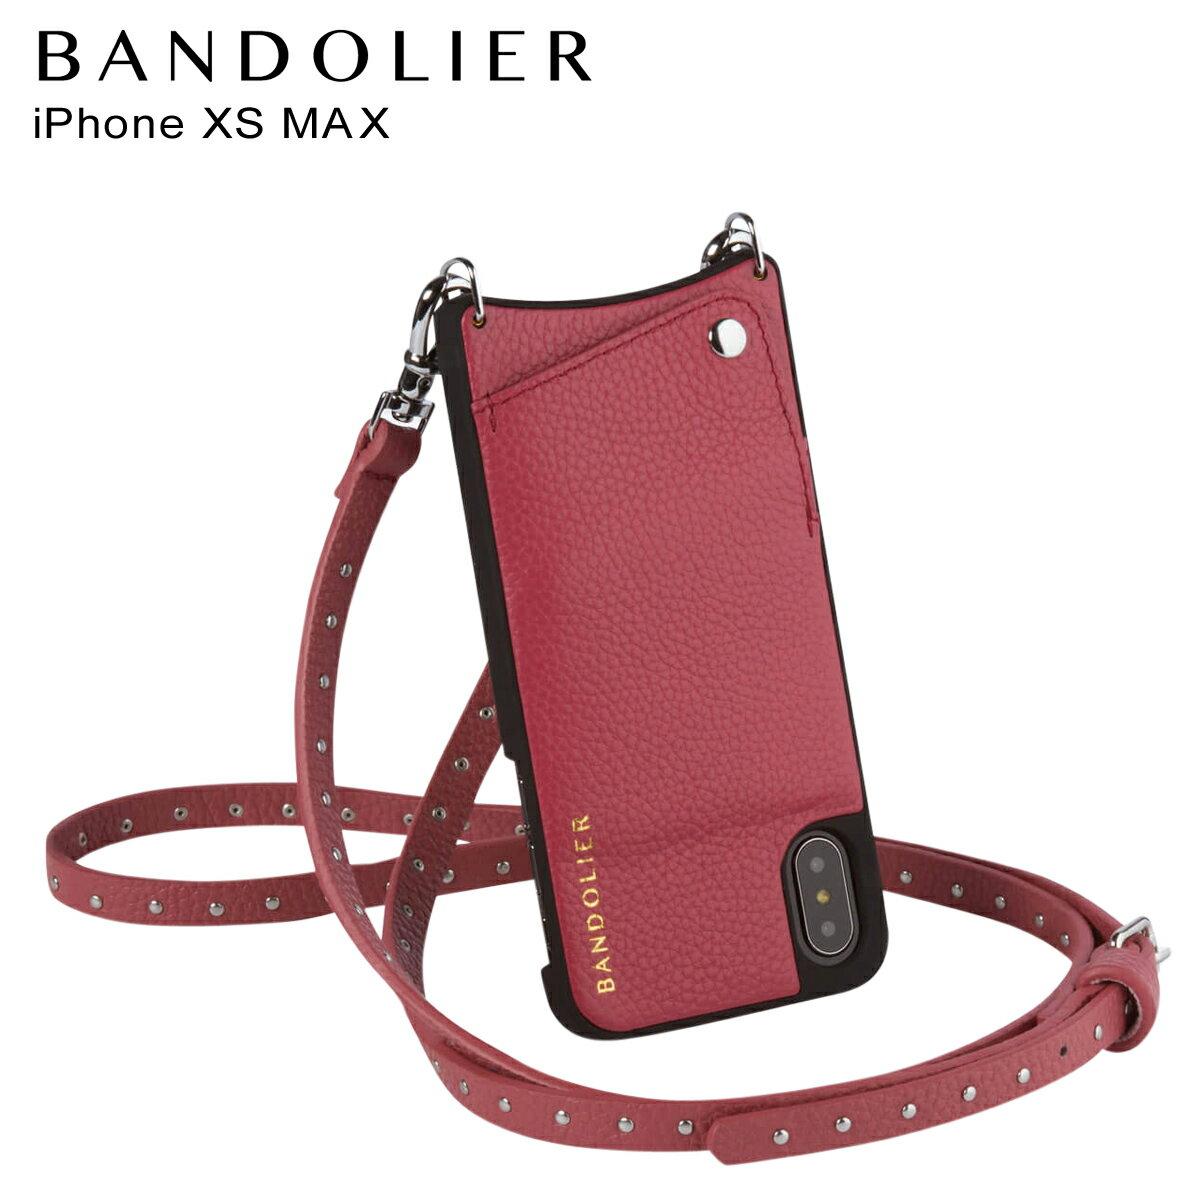 BANDOLIER バンドリヤー iPhone XS MAX ケース ショルダー スマホ アイフォン レザー NICOLE MAGENTA RED メンズ レディース マゼンタ レッド 10NIC1001